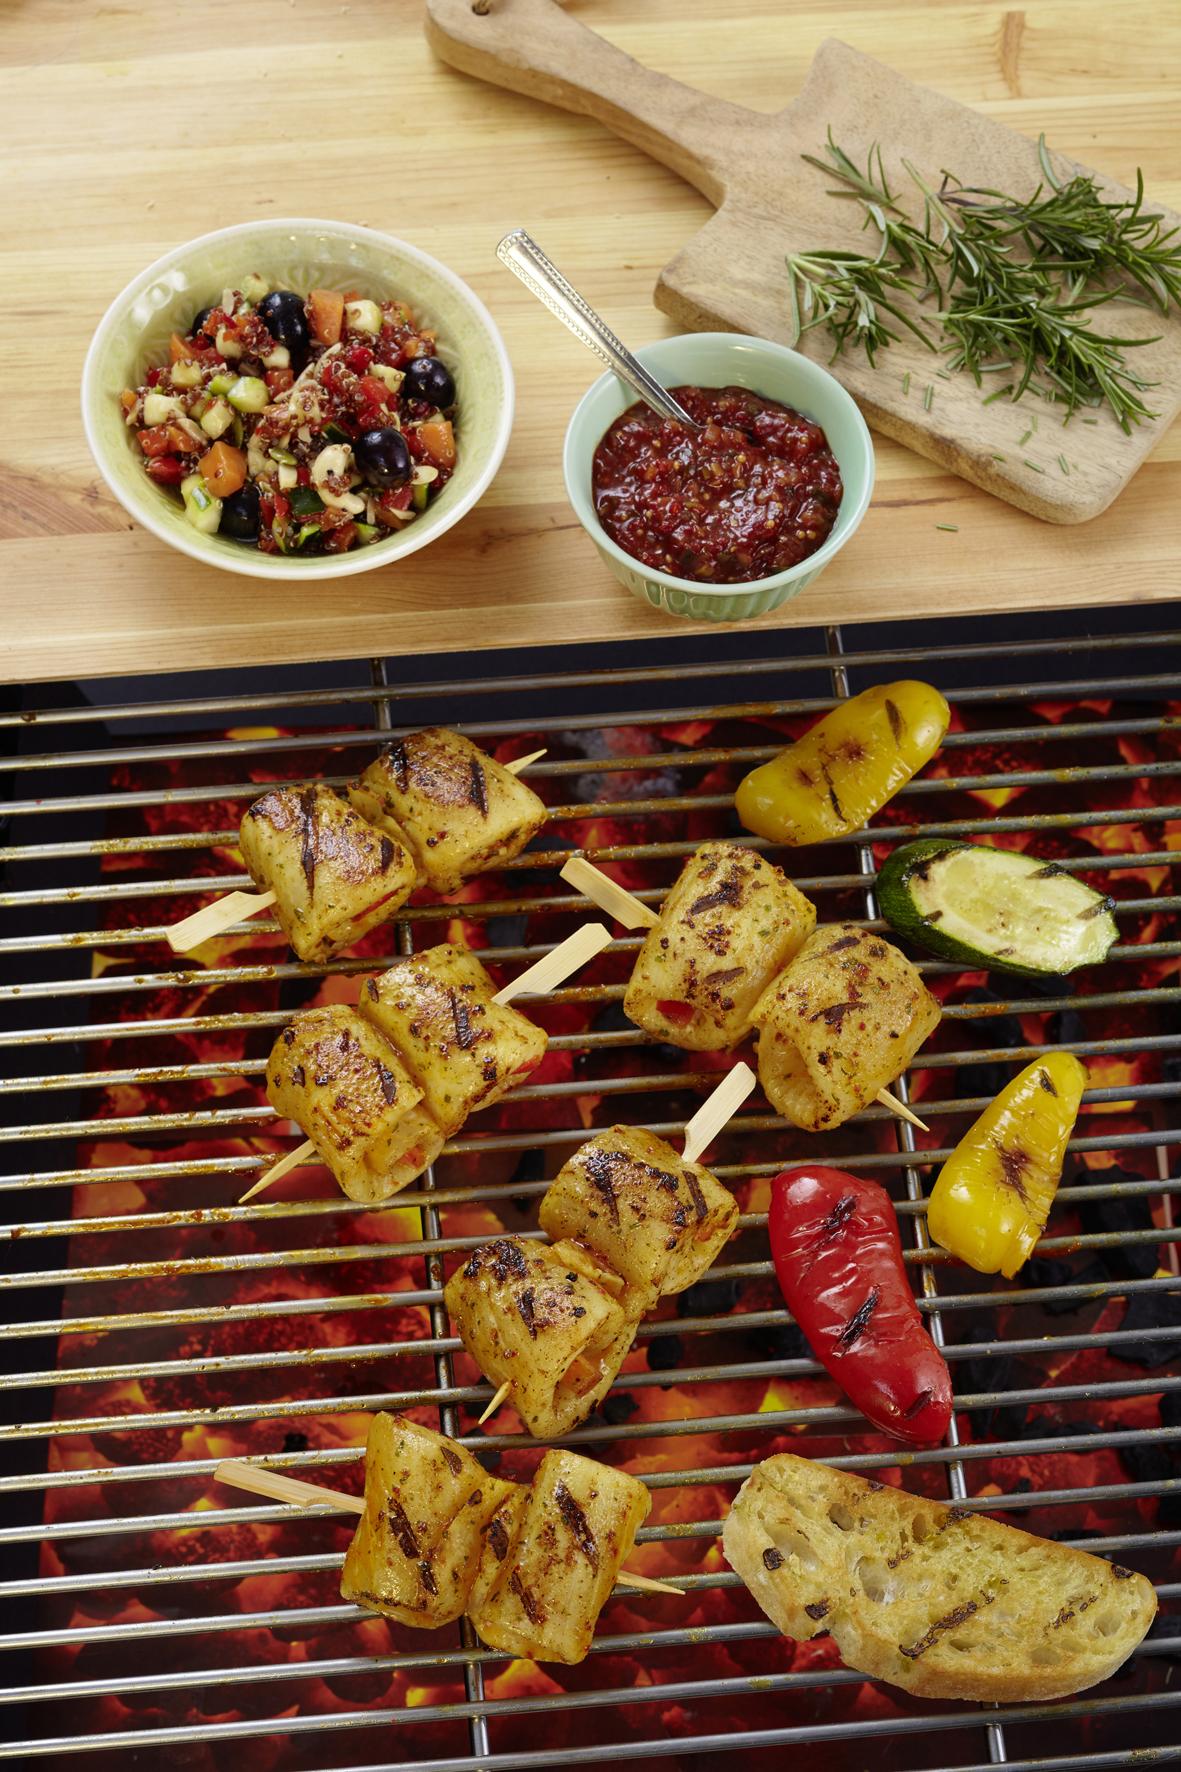 Neue grillprodukte einzelhandel presse ber uns for Paprika grill bremerhaven